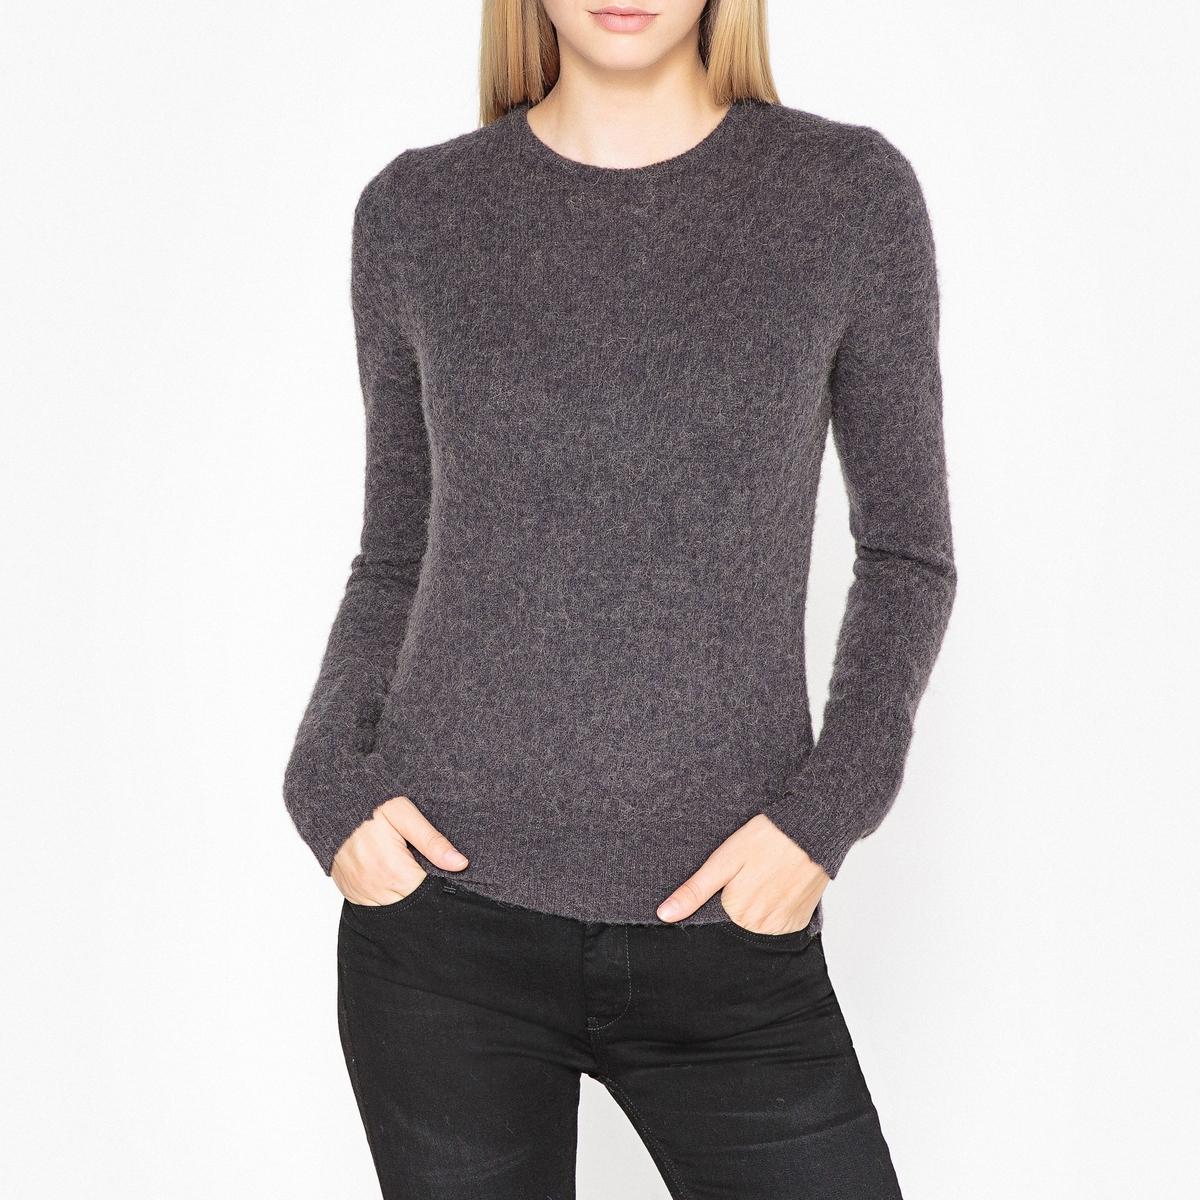 Пуловер La Redoute С круглым вырезом из трикотажа крупной вязки HANAPARK S черный свитшот la redoute с круглым вырезом и вышивкой s черный